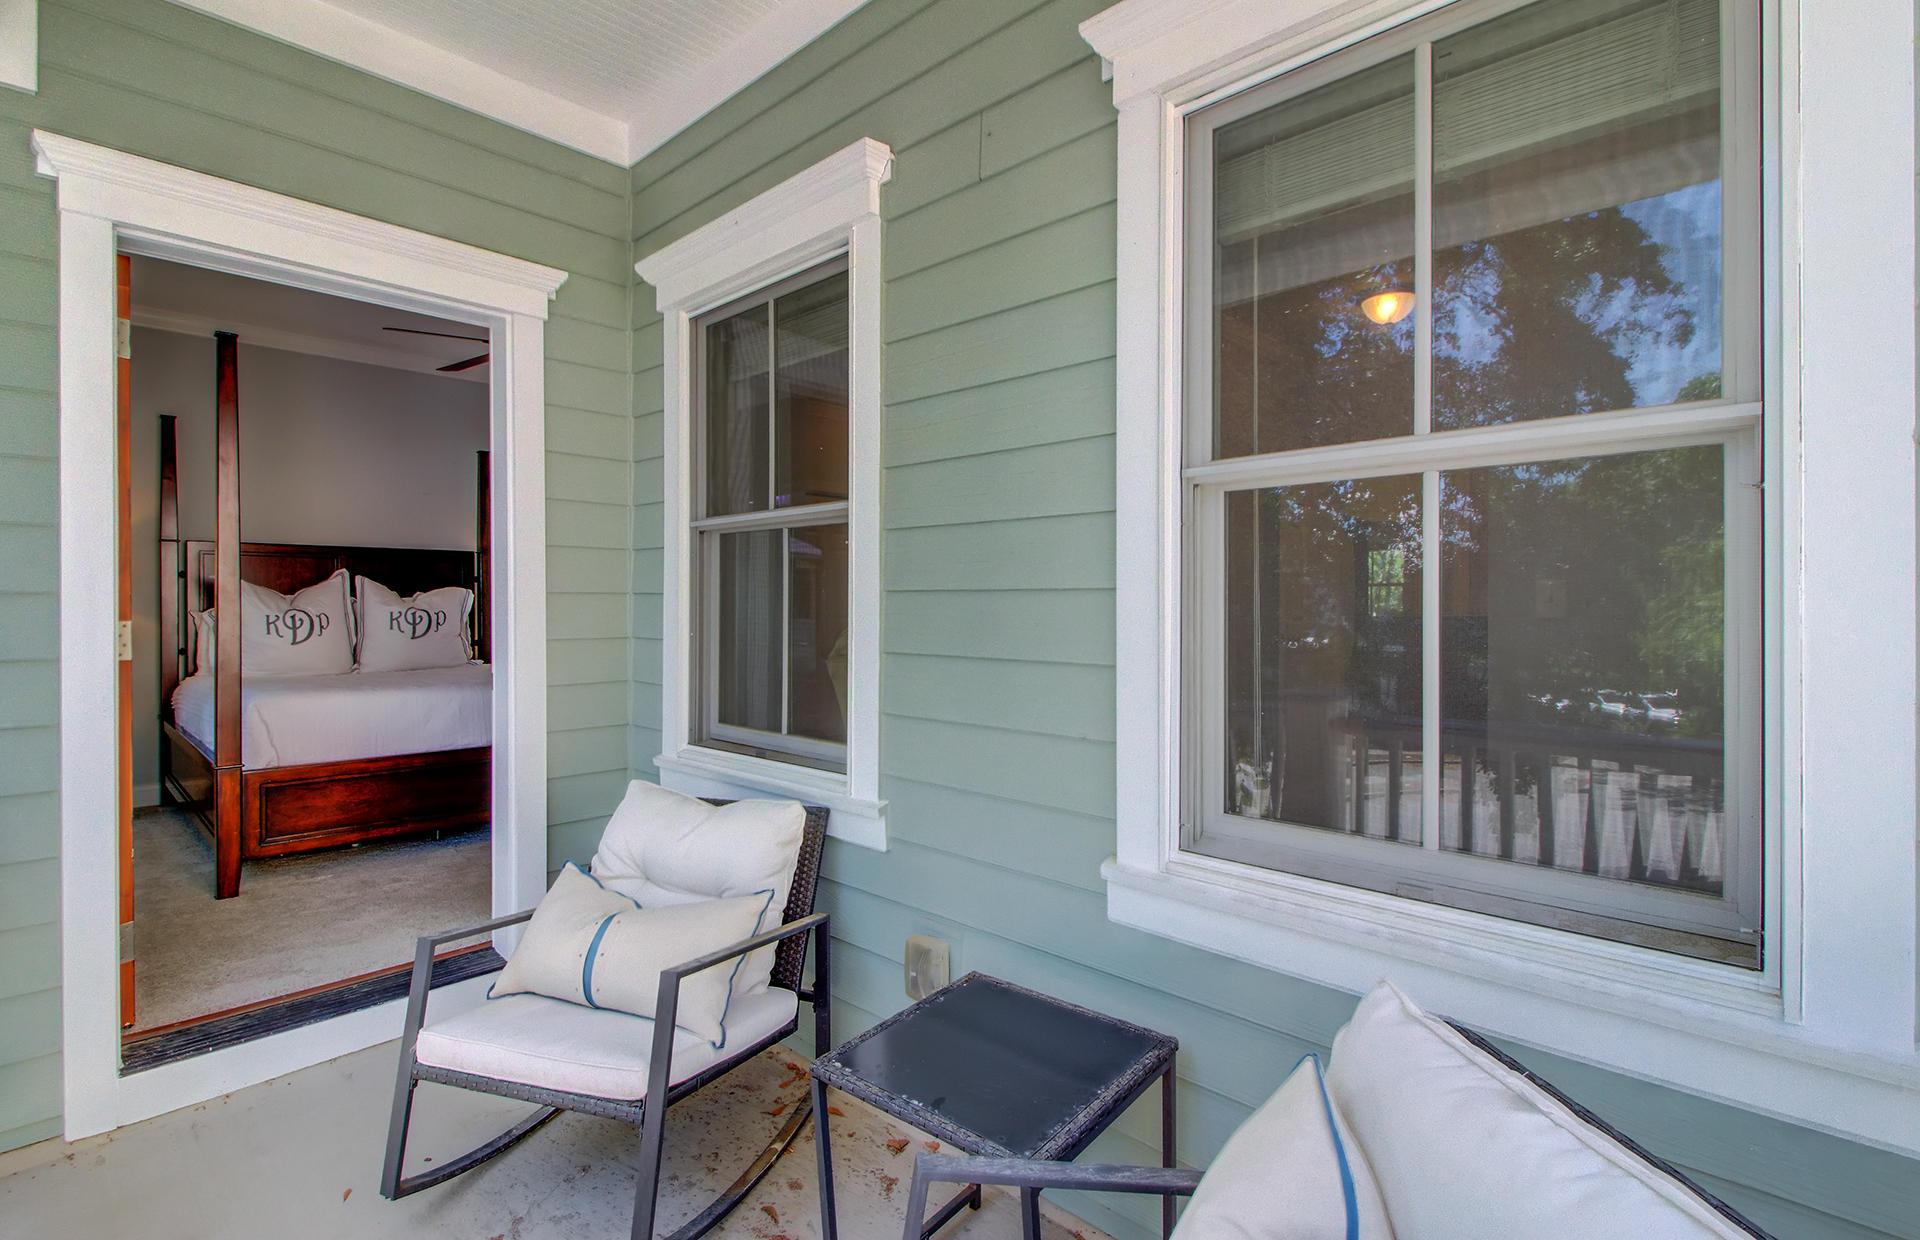 Phillips Park Homes For Sale - 1129 Phillips Park, Mount Pleasant, SC - 46